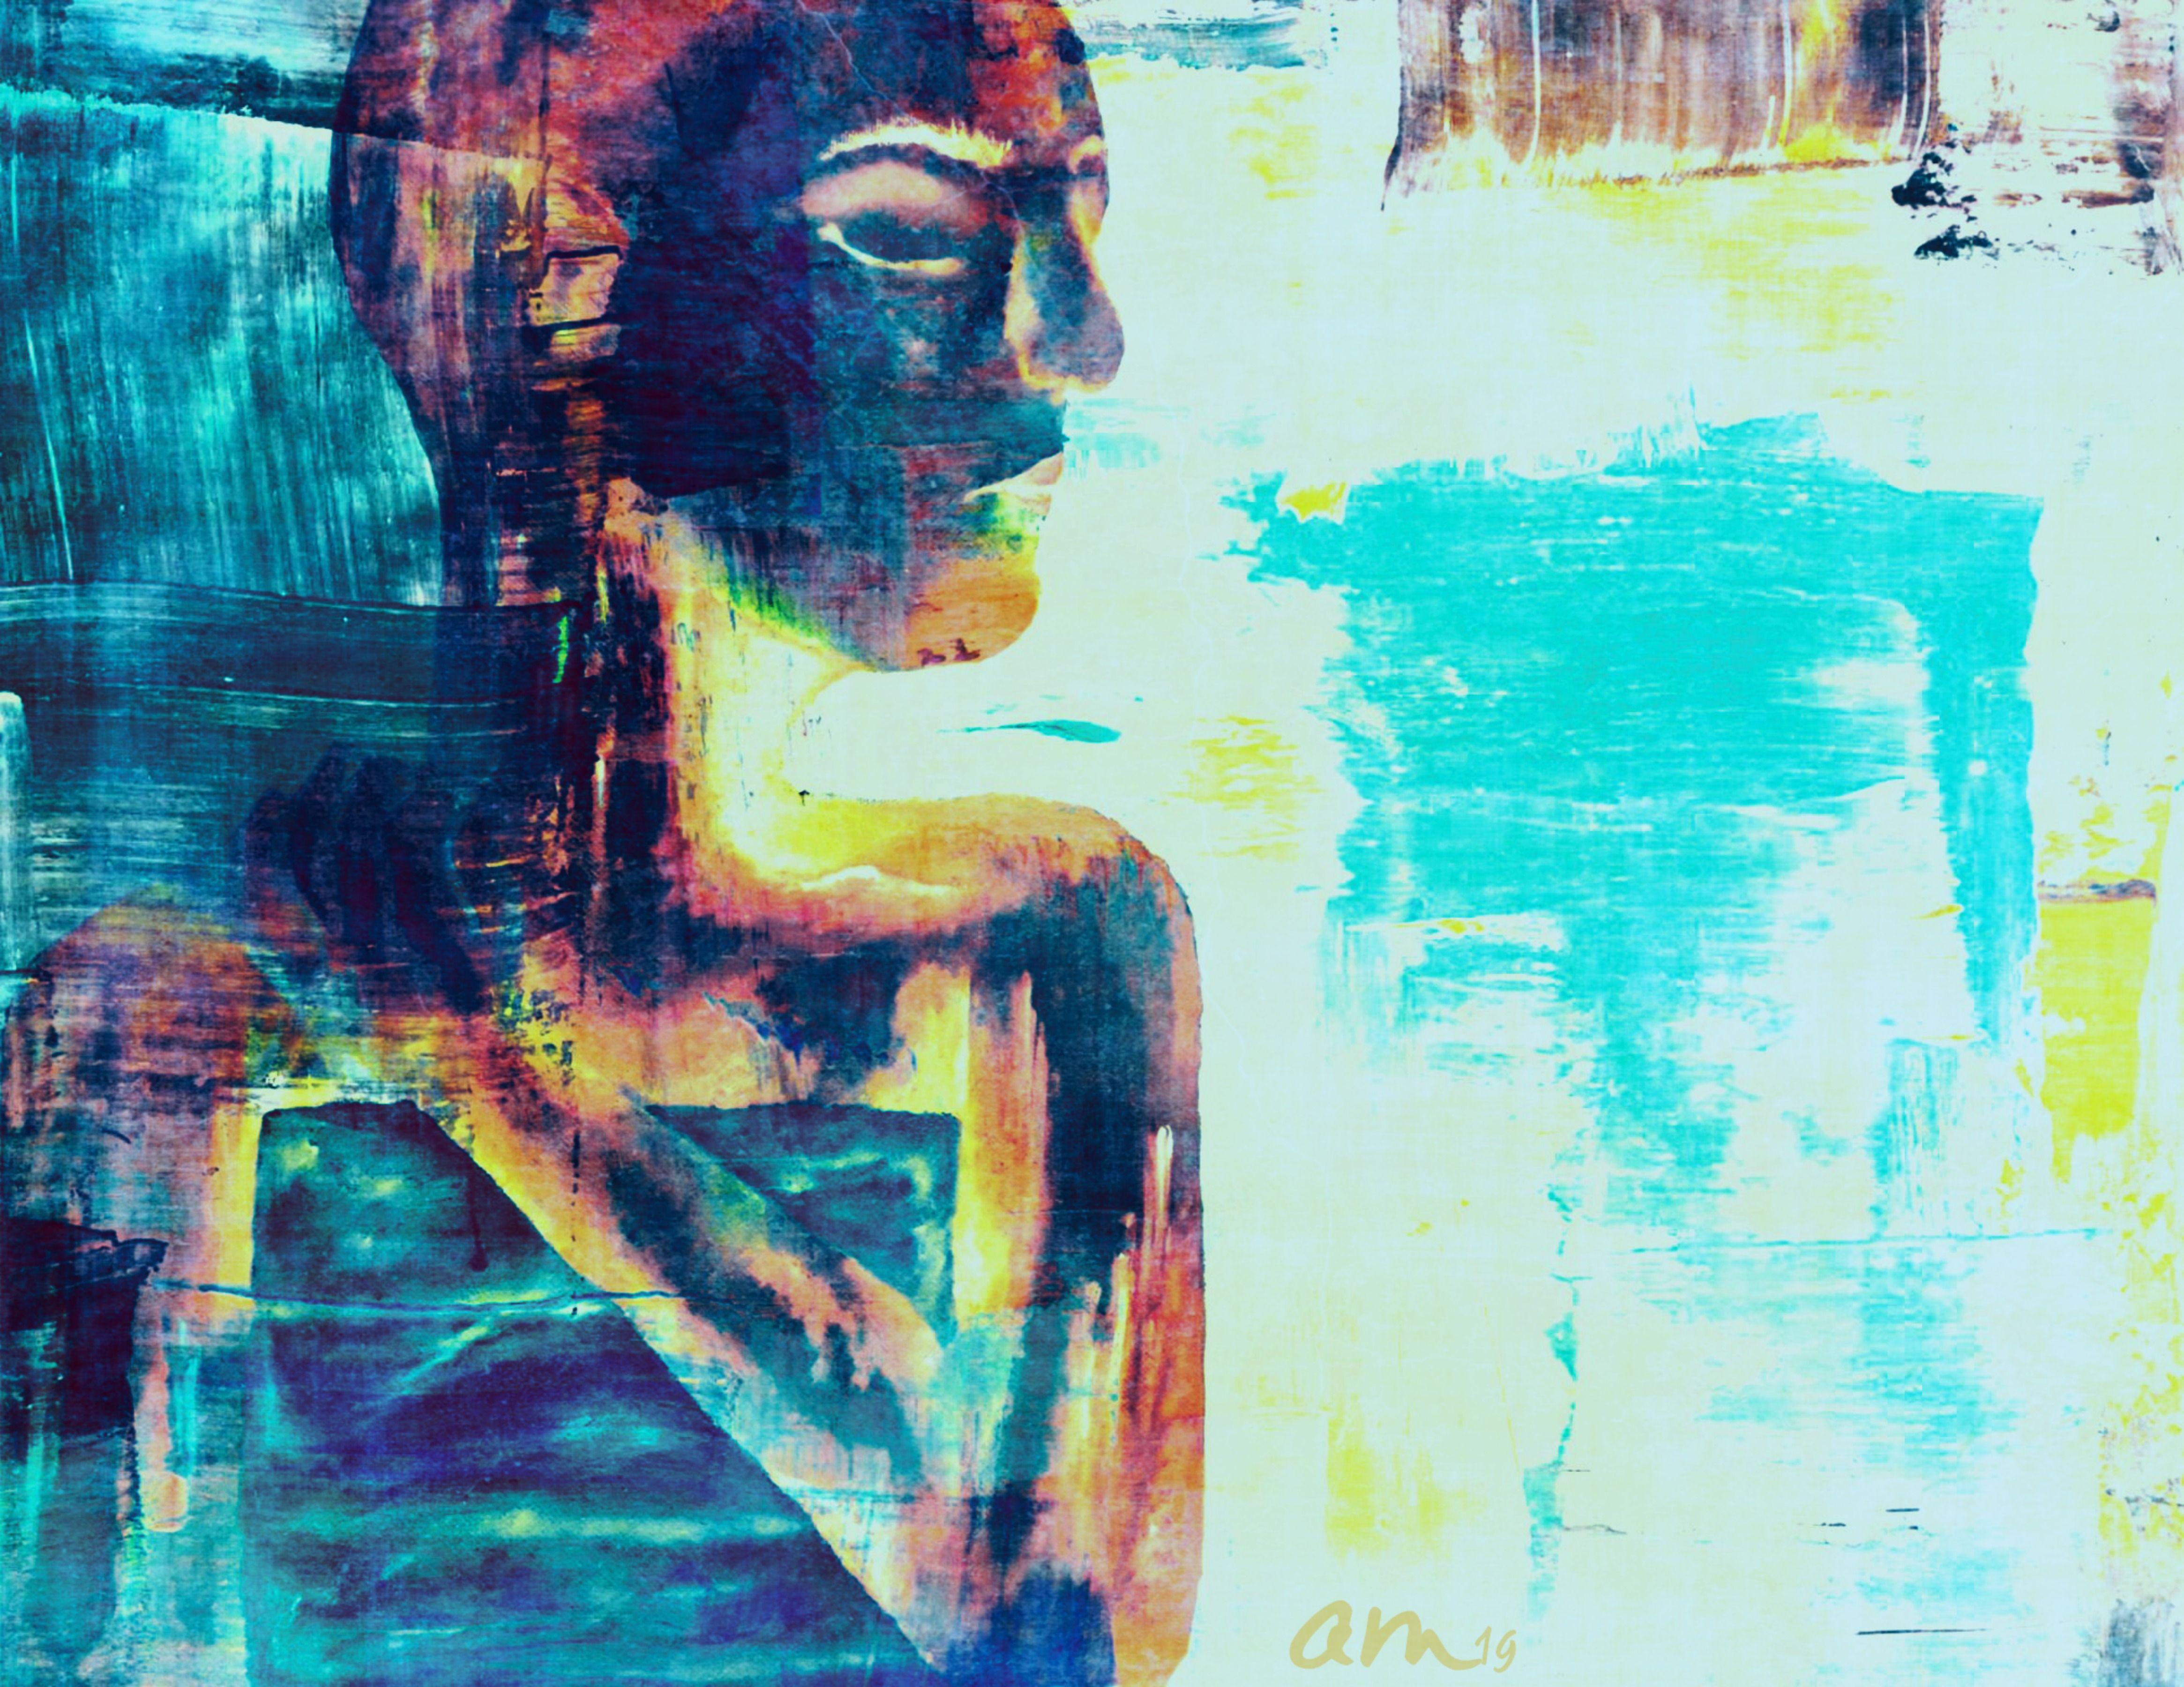 Side portrait created in oils Image Description: portrait of